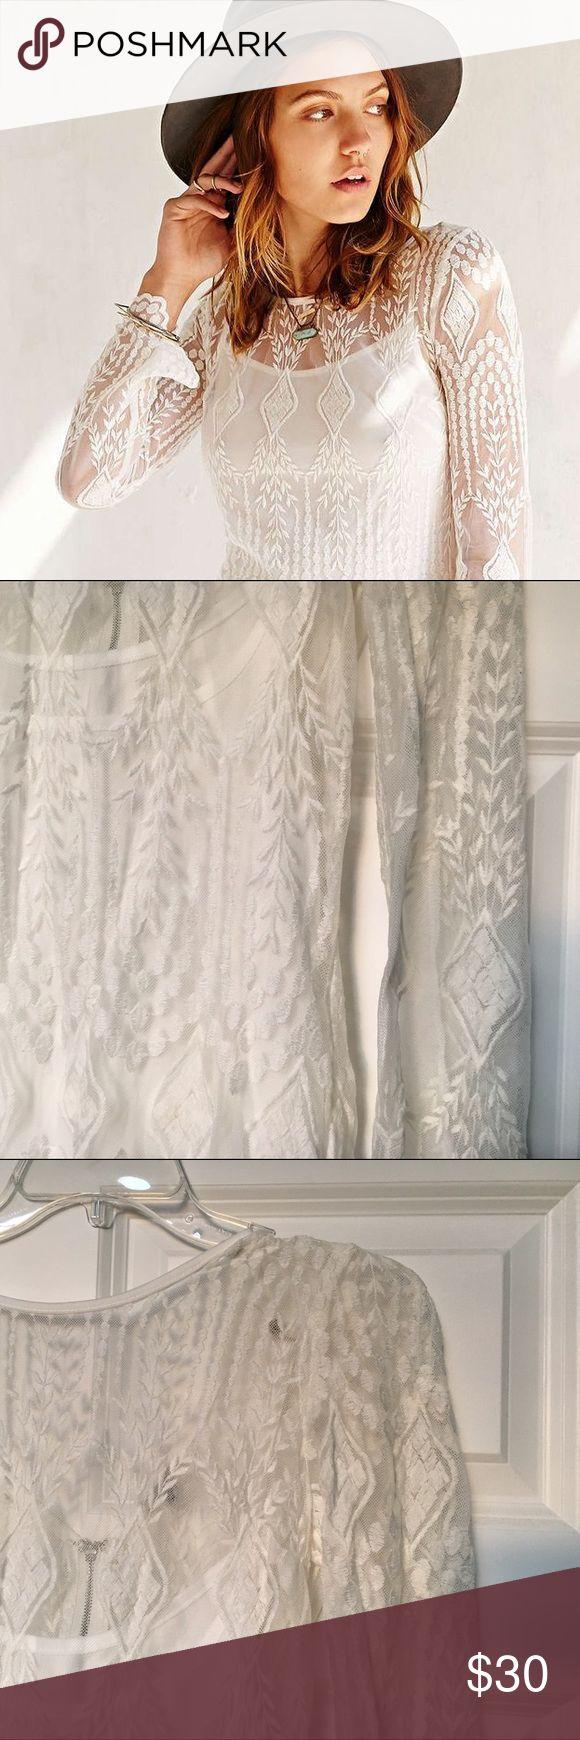 Beste Ann Taylor Cocktailkleid Fotos - Hochzeit Kleid Stile Ideen ...